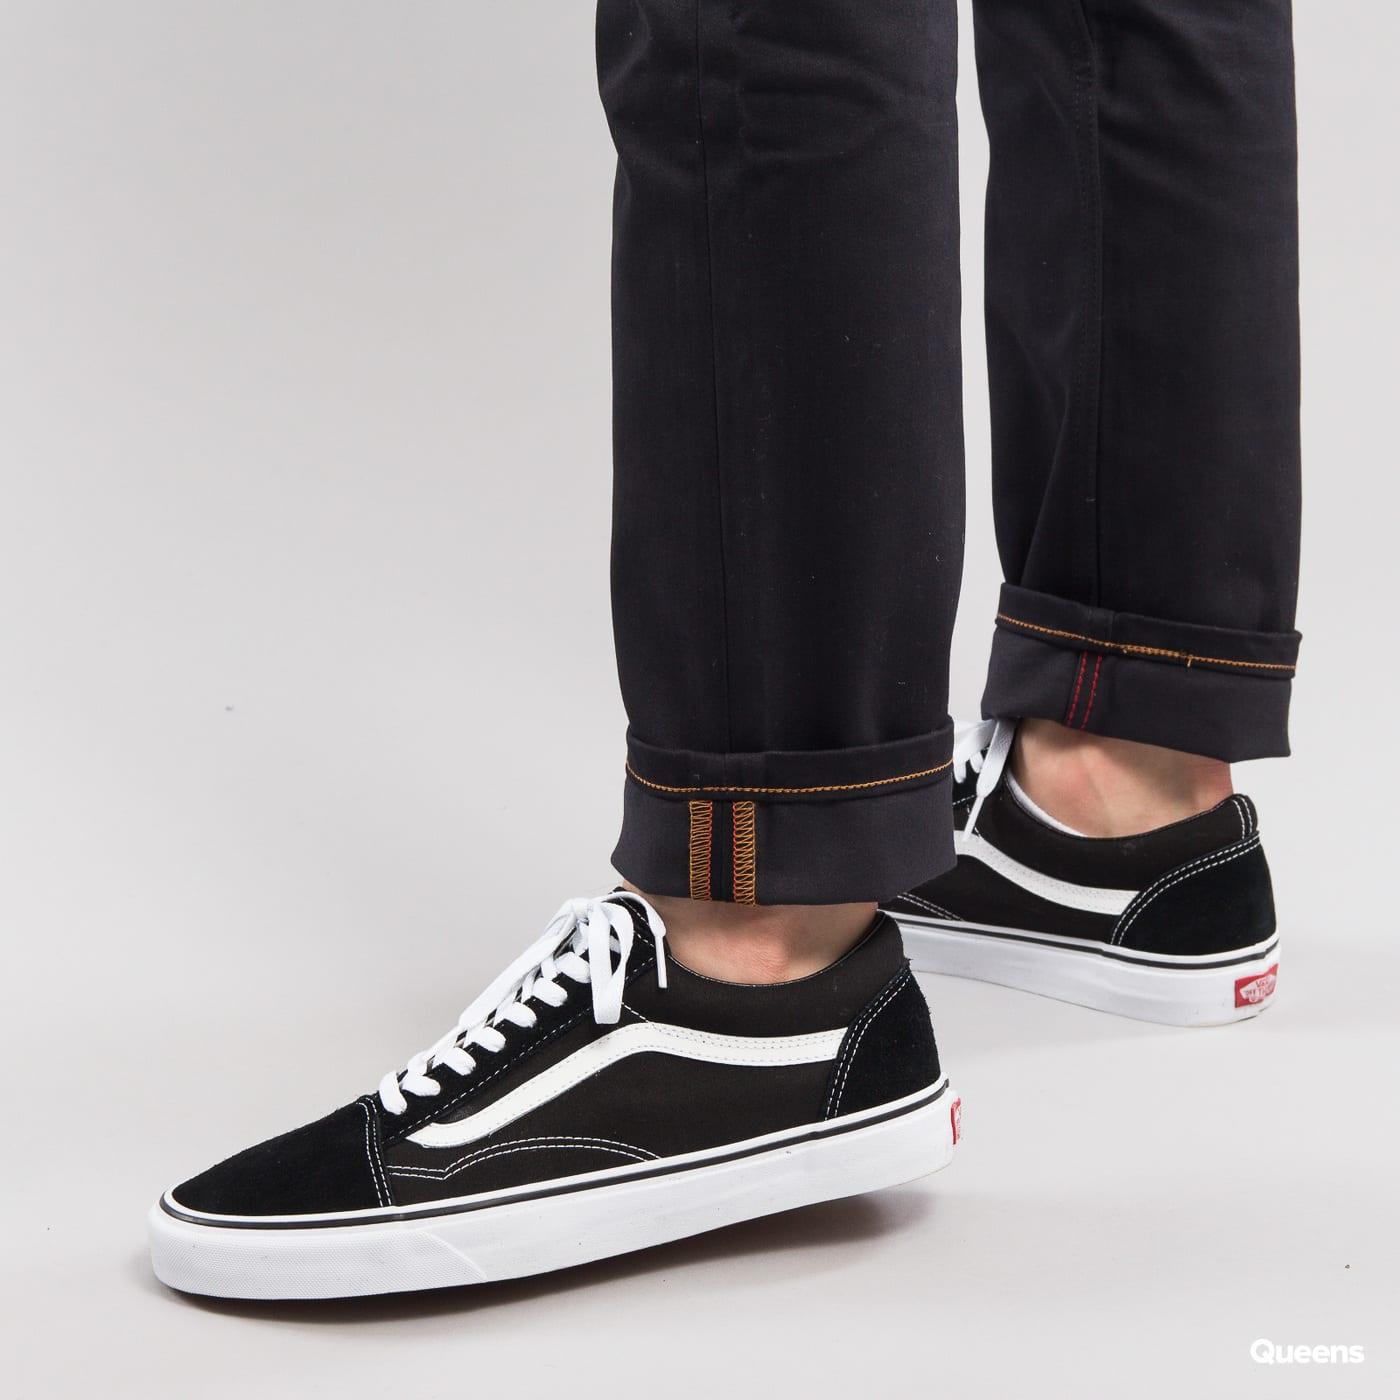 Levi's ® Skate 511 Slim 5 Pocket SE caviar bull